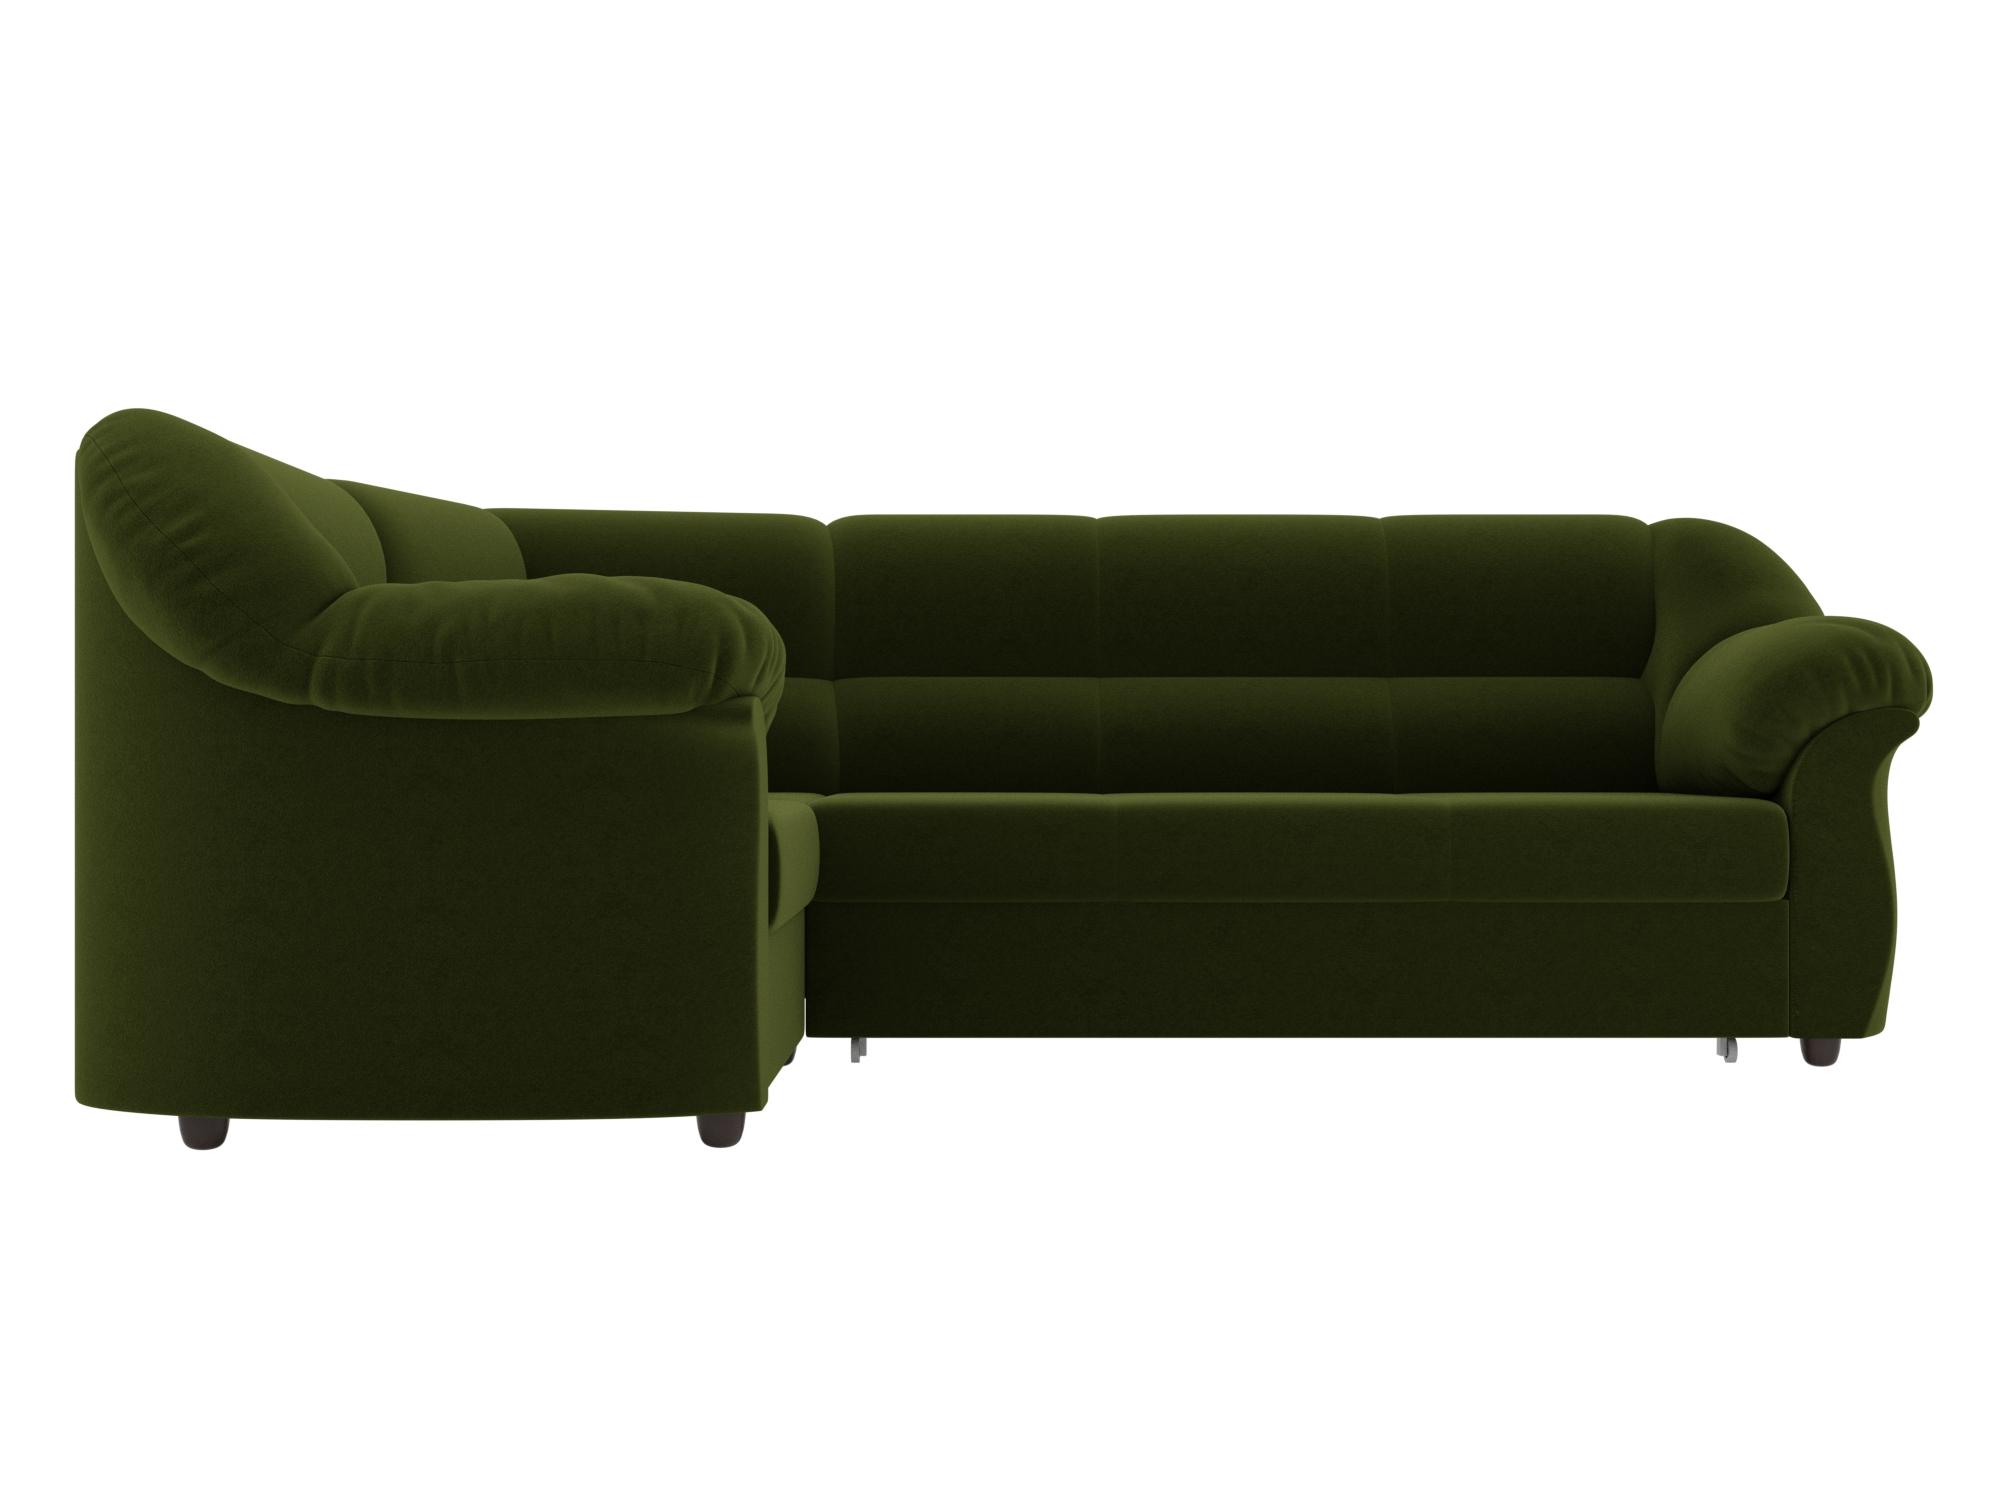 Угловой диван Карнелла Левый MebelVia , Зеленый, Микровельвет, ЛДСП угловой диван милфорд левый mebelvia зеленый микровельвет лдсп